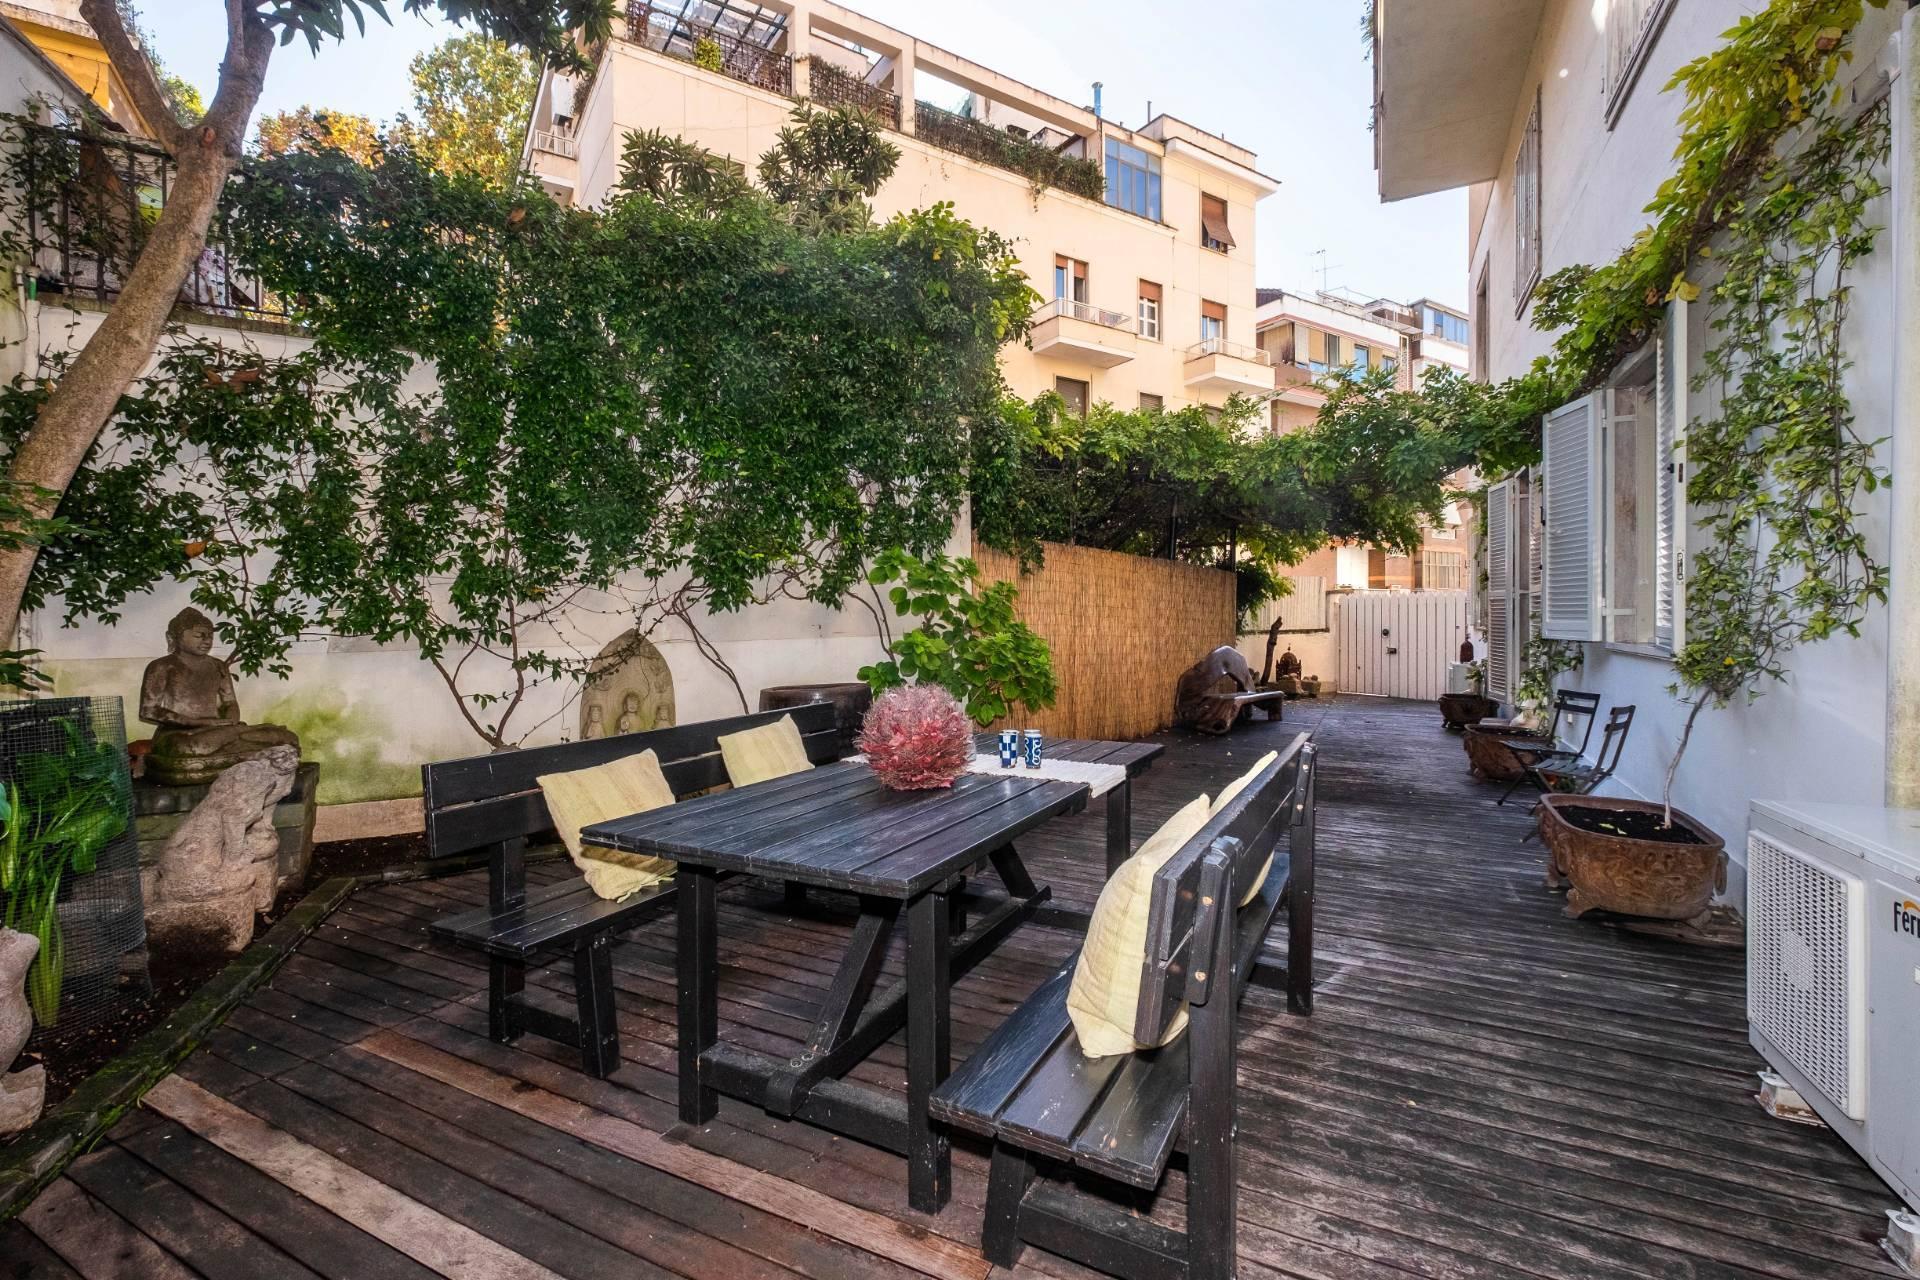 Appartamento all'Aventino con incantevole giardino privato - 2